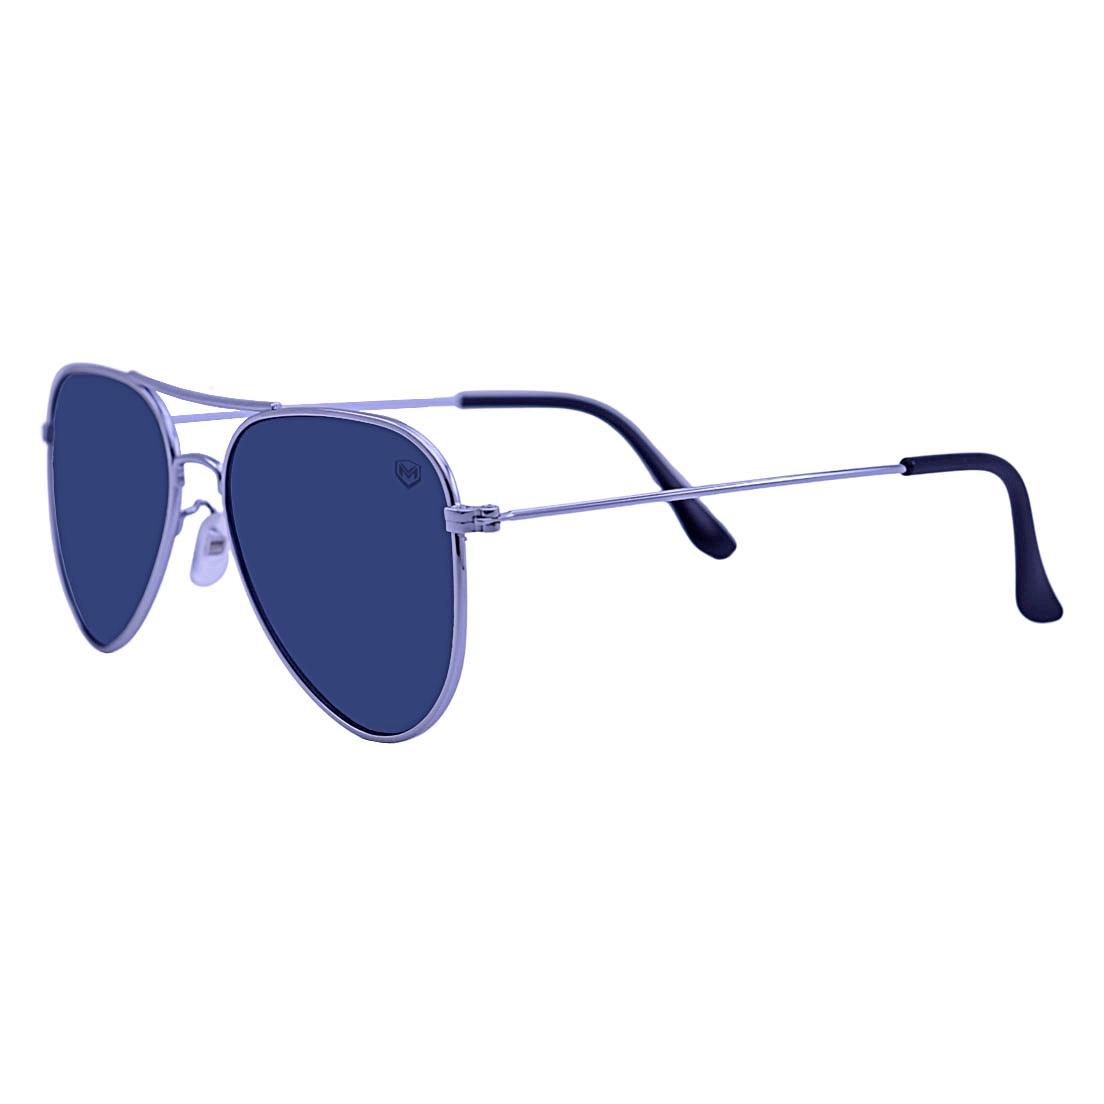 Óculos De Sol Mackage Unissex Metal Aviator Classic - Prata